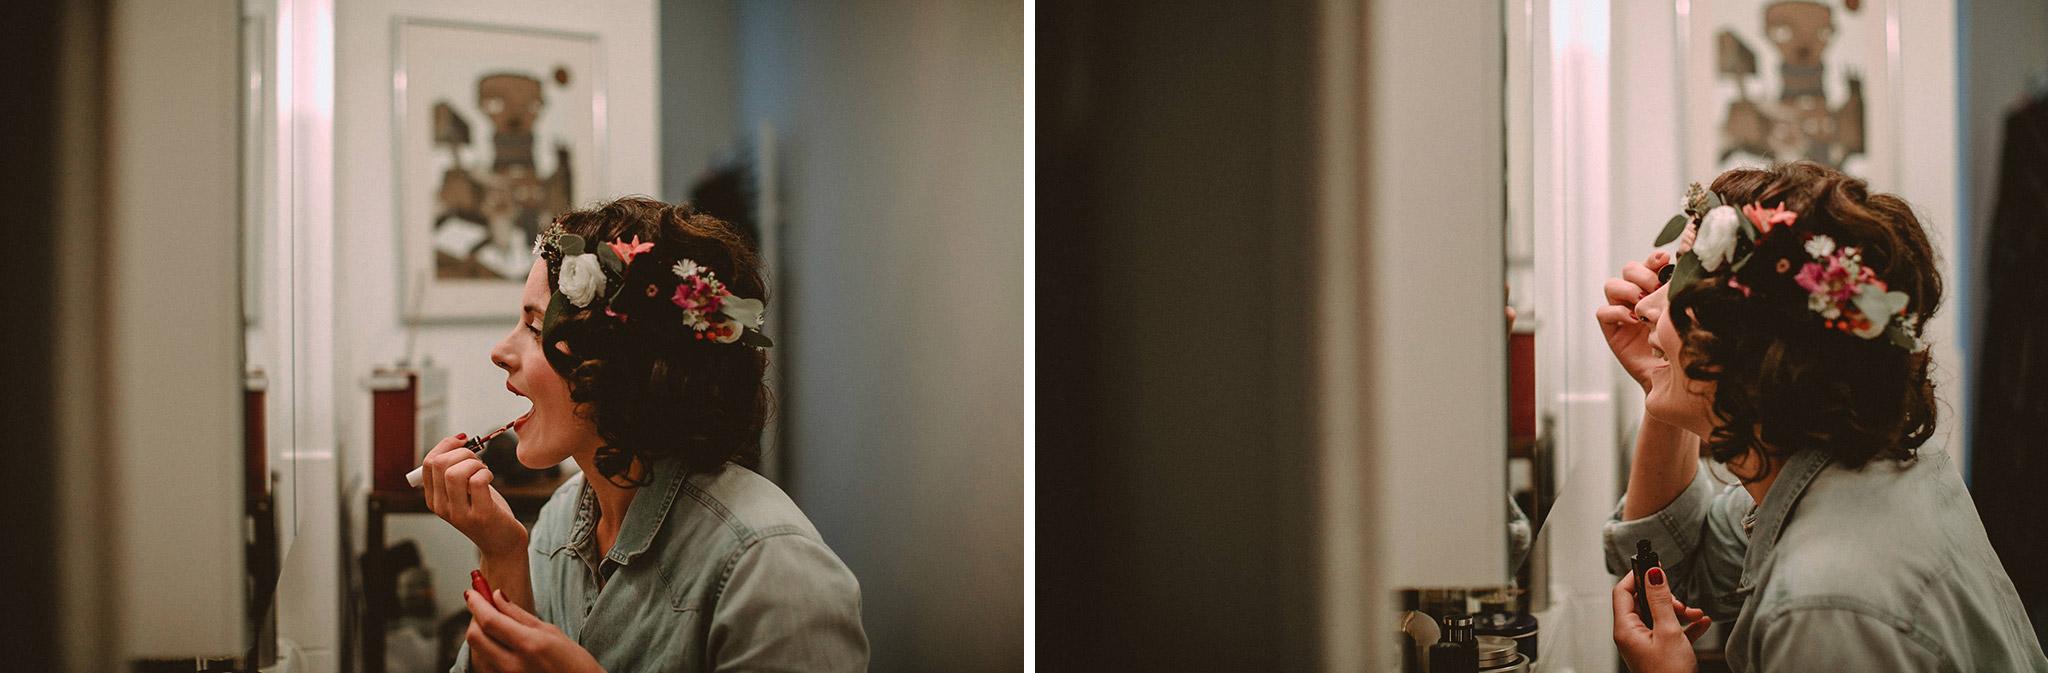 alternative_Berlin_Wedding_Photographer